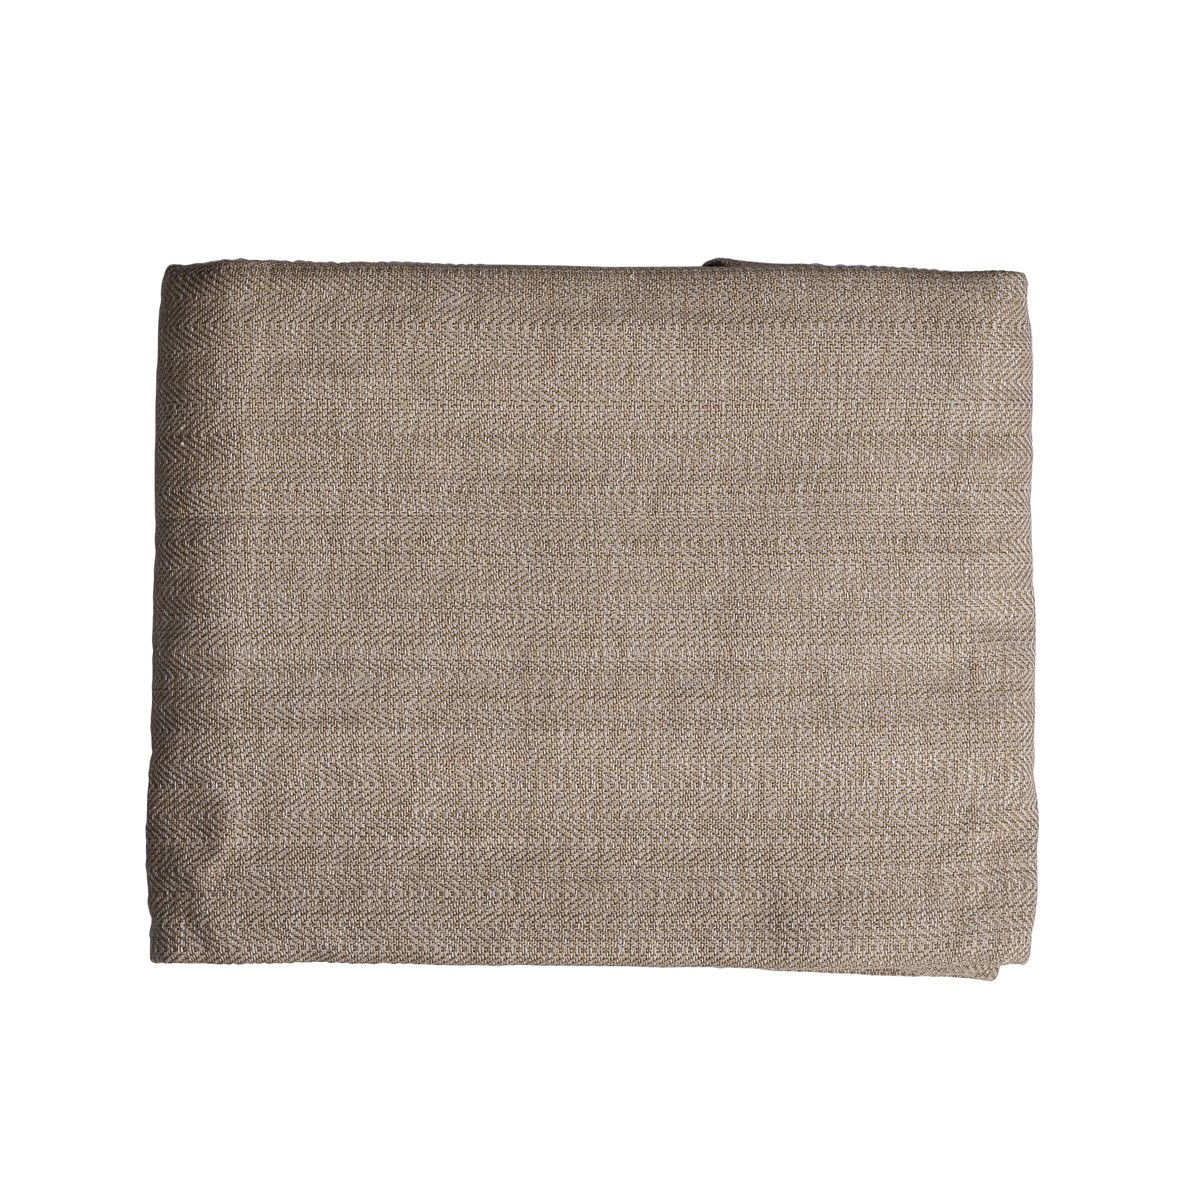 Safari - Sand panel throw - Single